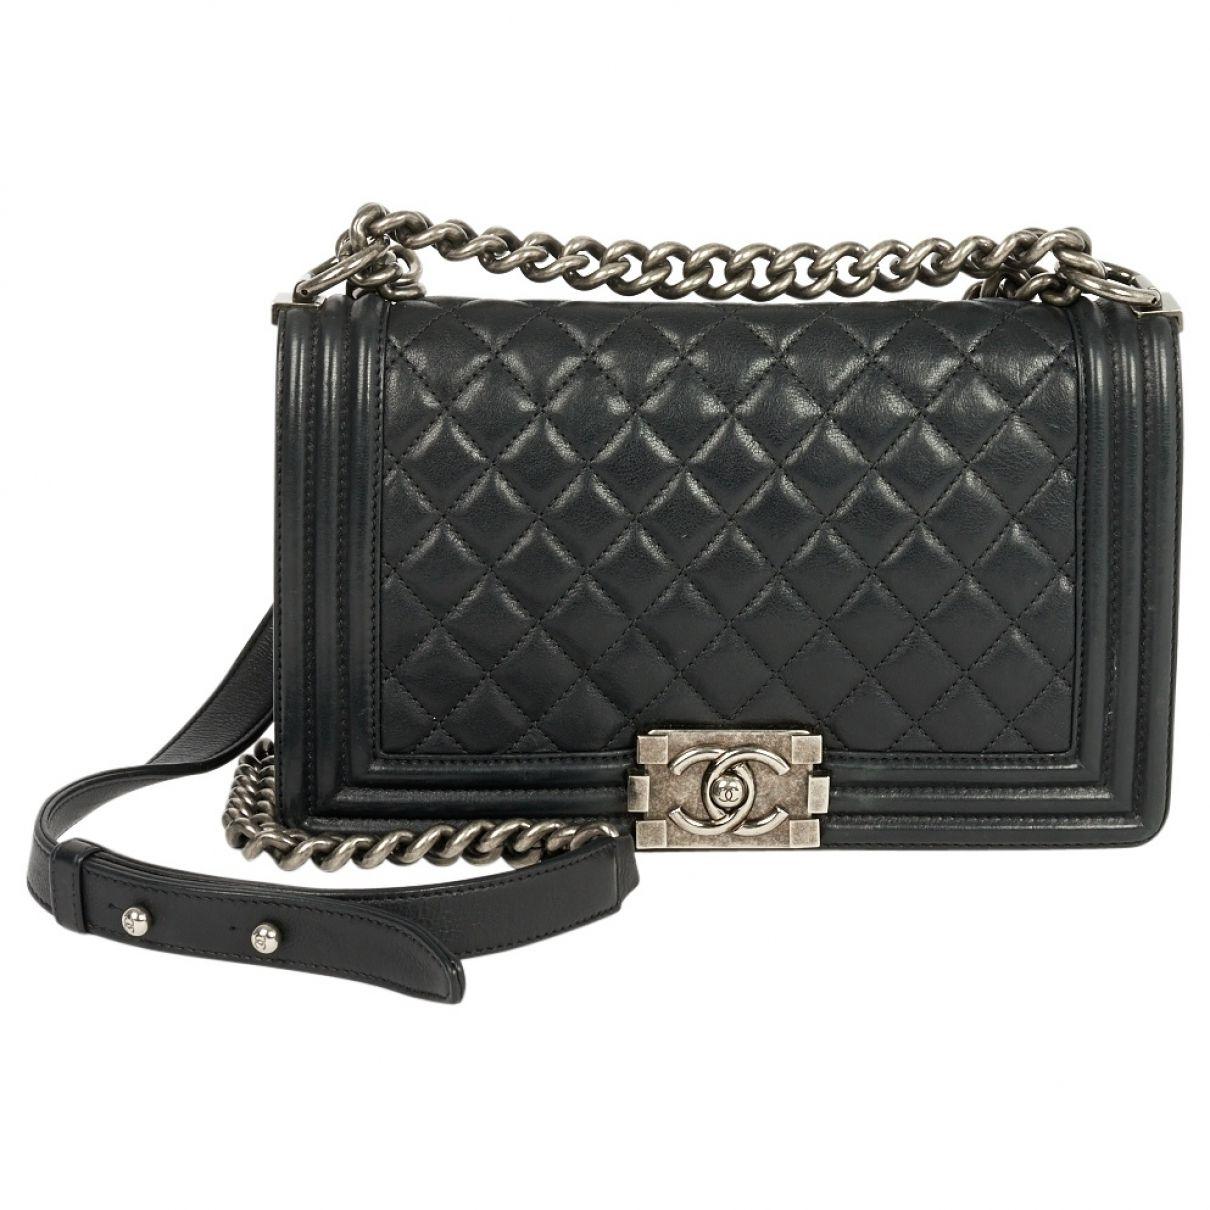 496dcf7d52f33 CHANEL Handbags